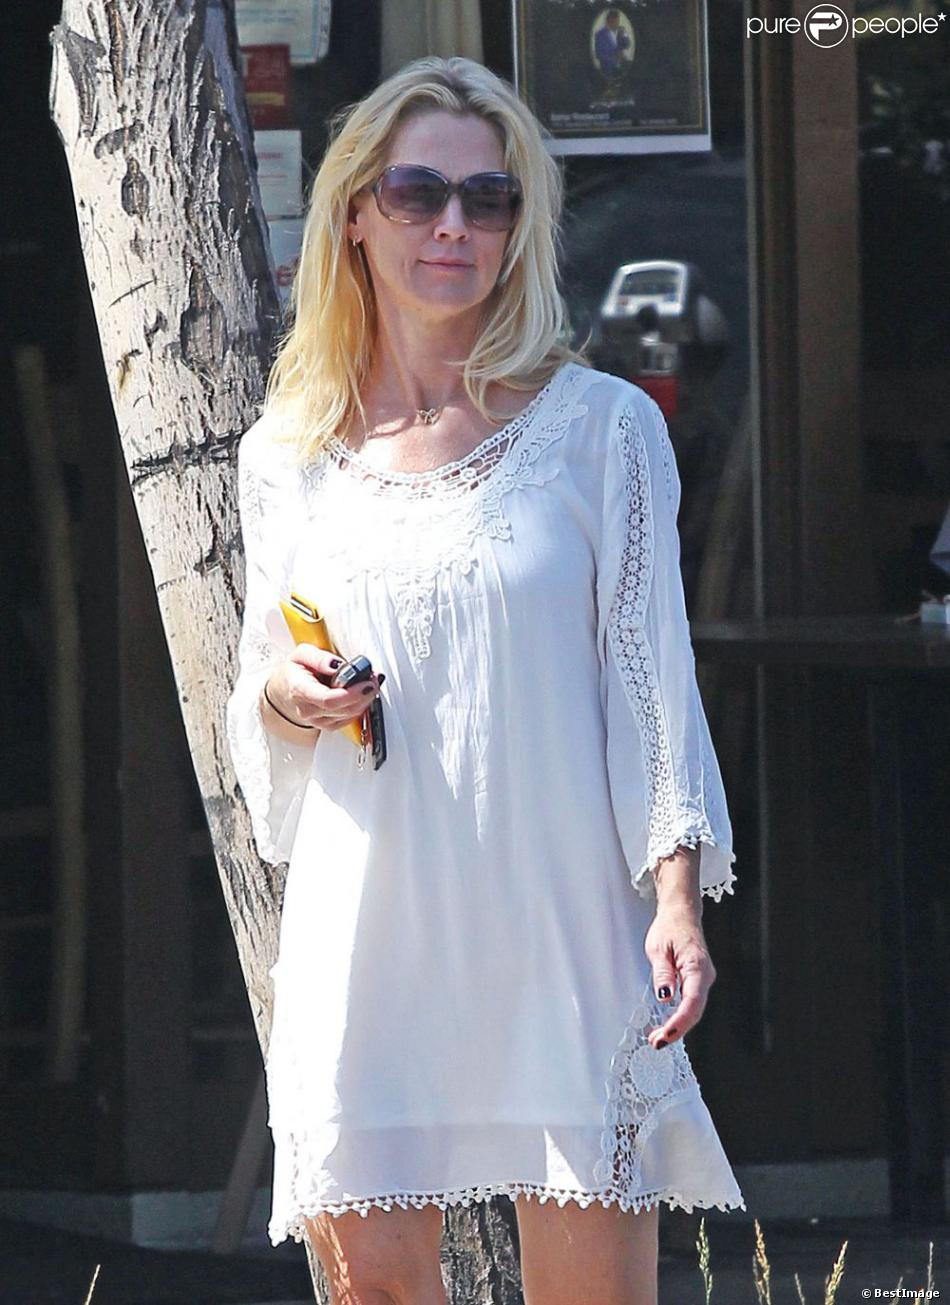 Exclusif - Jennie Garth sans maquillage dans les rues de Los Angeles, le 15 août 2013 - Au naturel, ce n'est pas la même chose